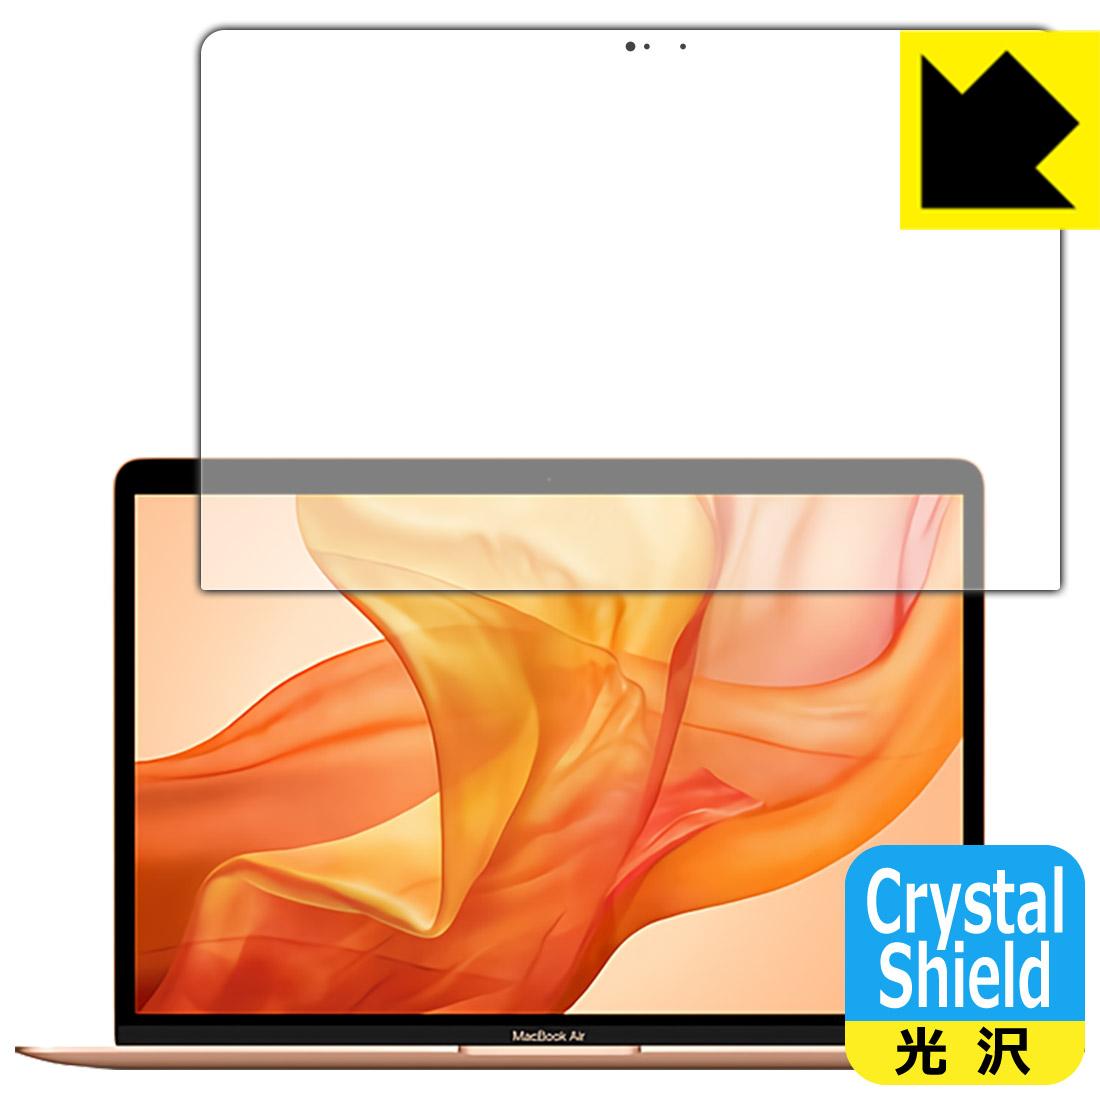 光沢タイプ MacBook Air 13インチ 2020年 2019年 専用保護フィルム 2018年 通販 売買 smtb-kd Shield Crystal 保護シート